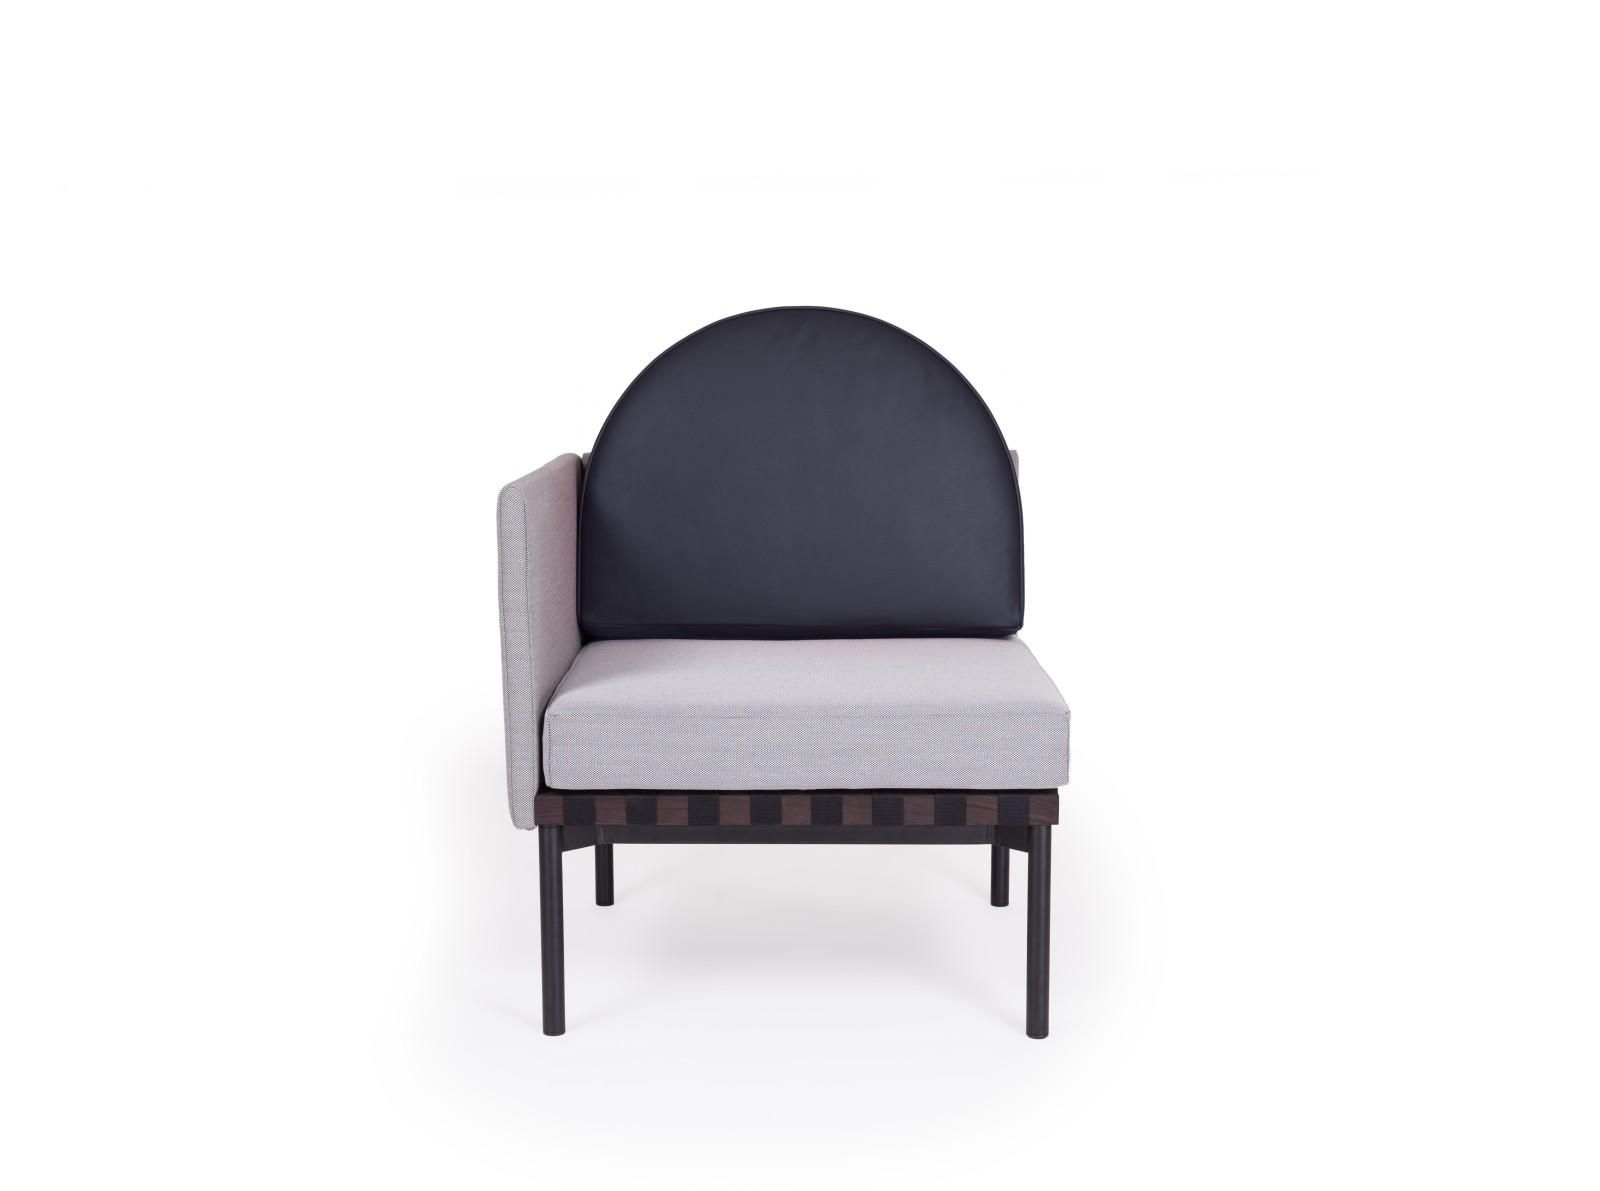 Grid Round Back Left Corner Armchair Steelcut Trio 2 144, Dark blue leather